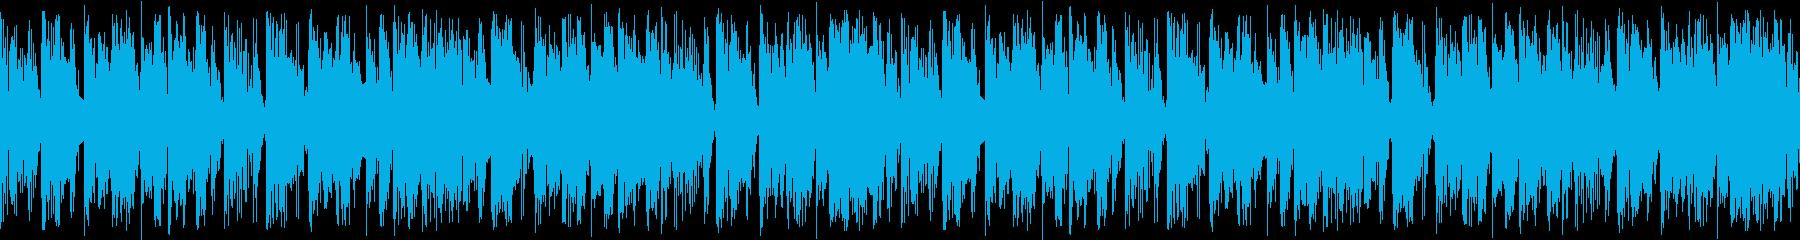 疾走感ロック曲ですニュースダイジェストにの再生済みの波形